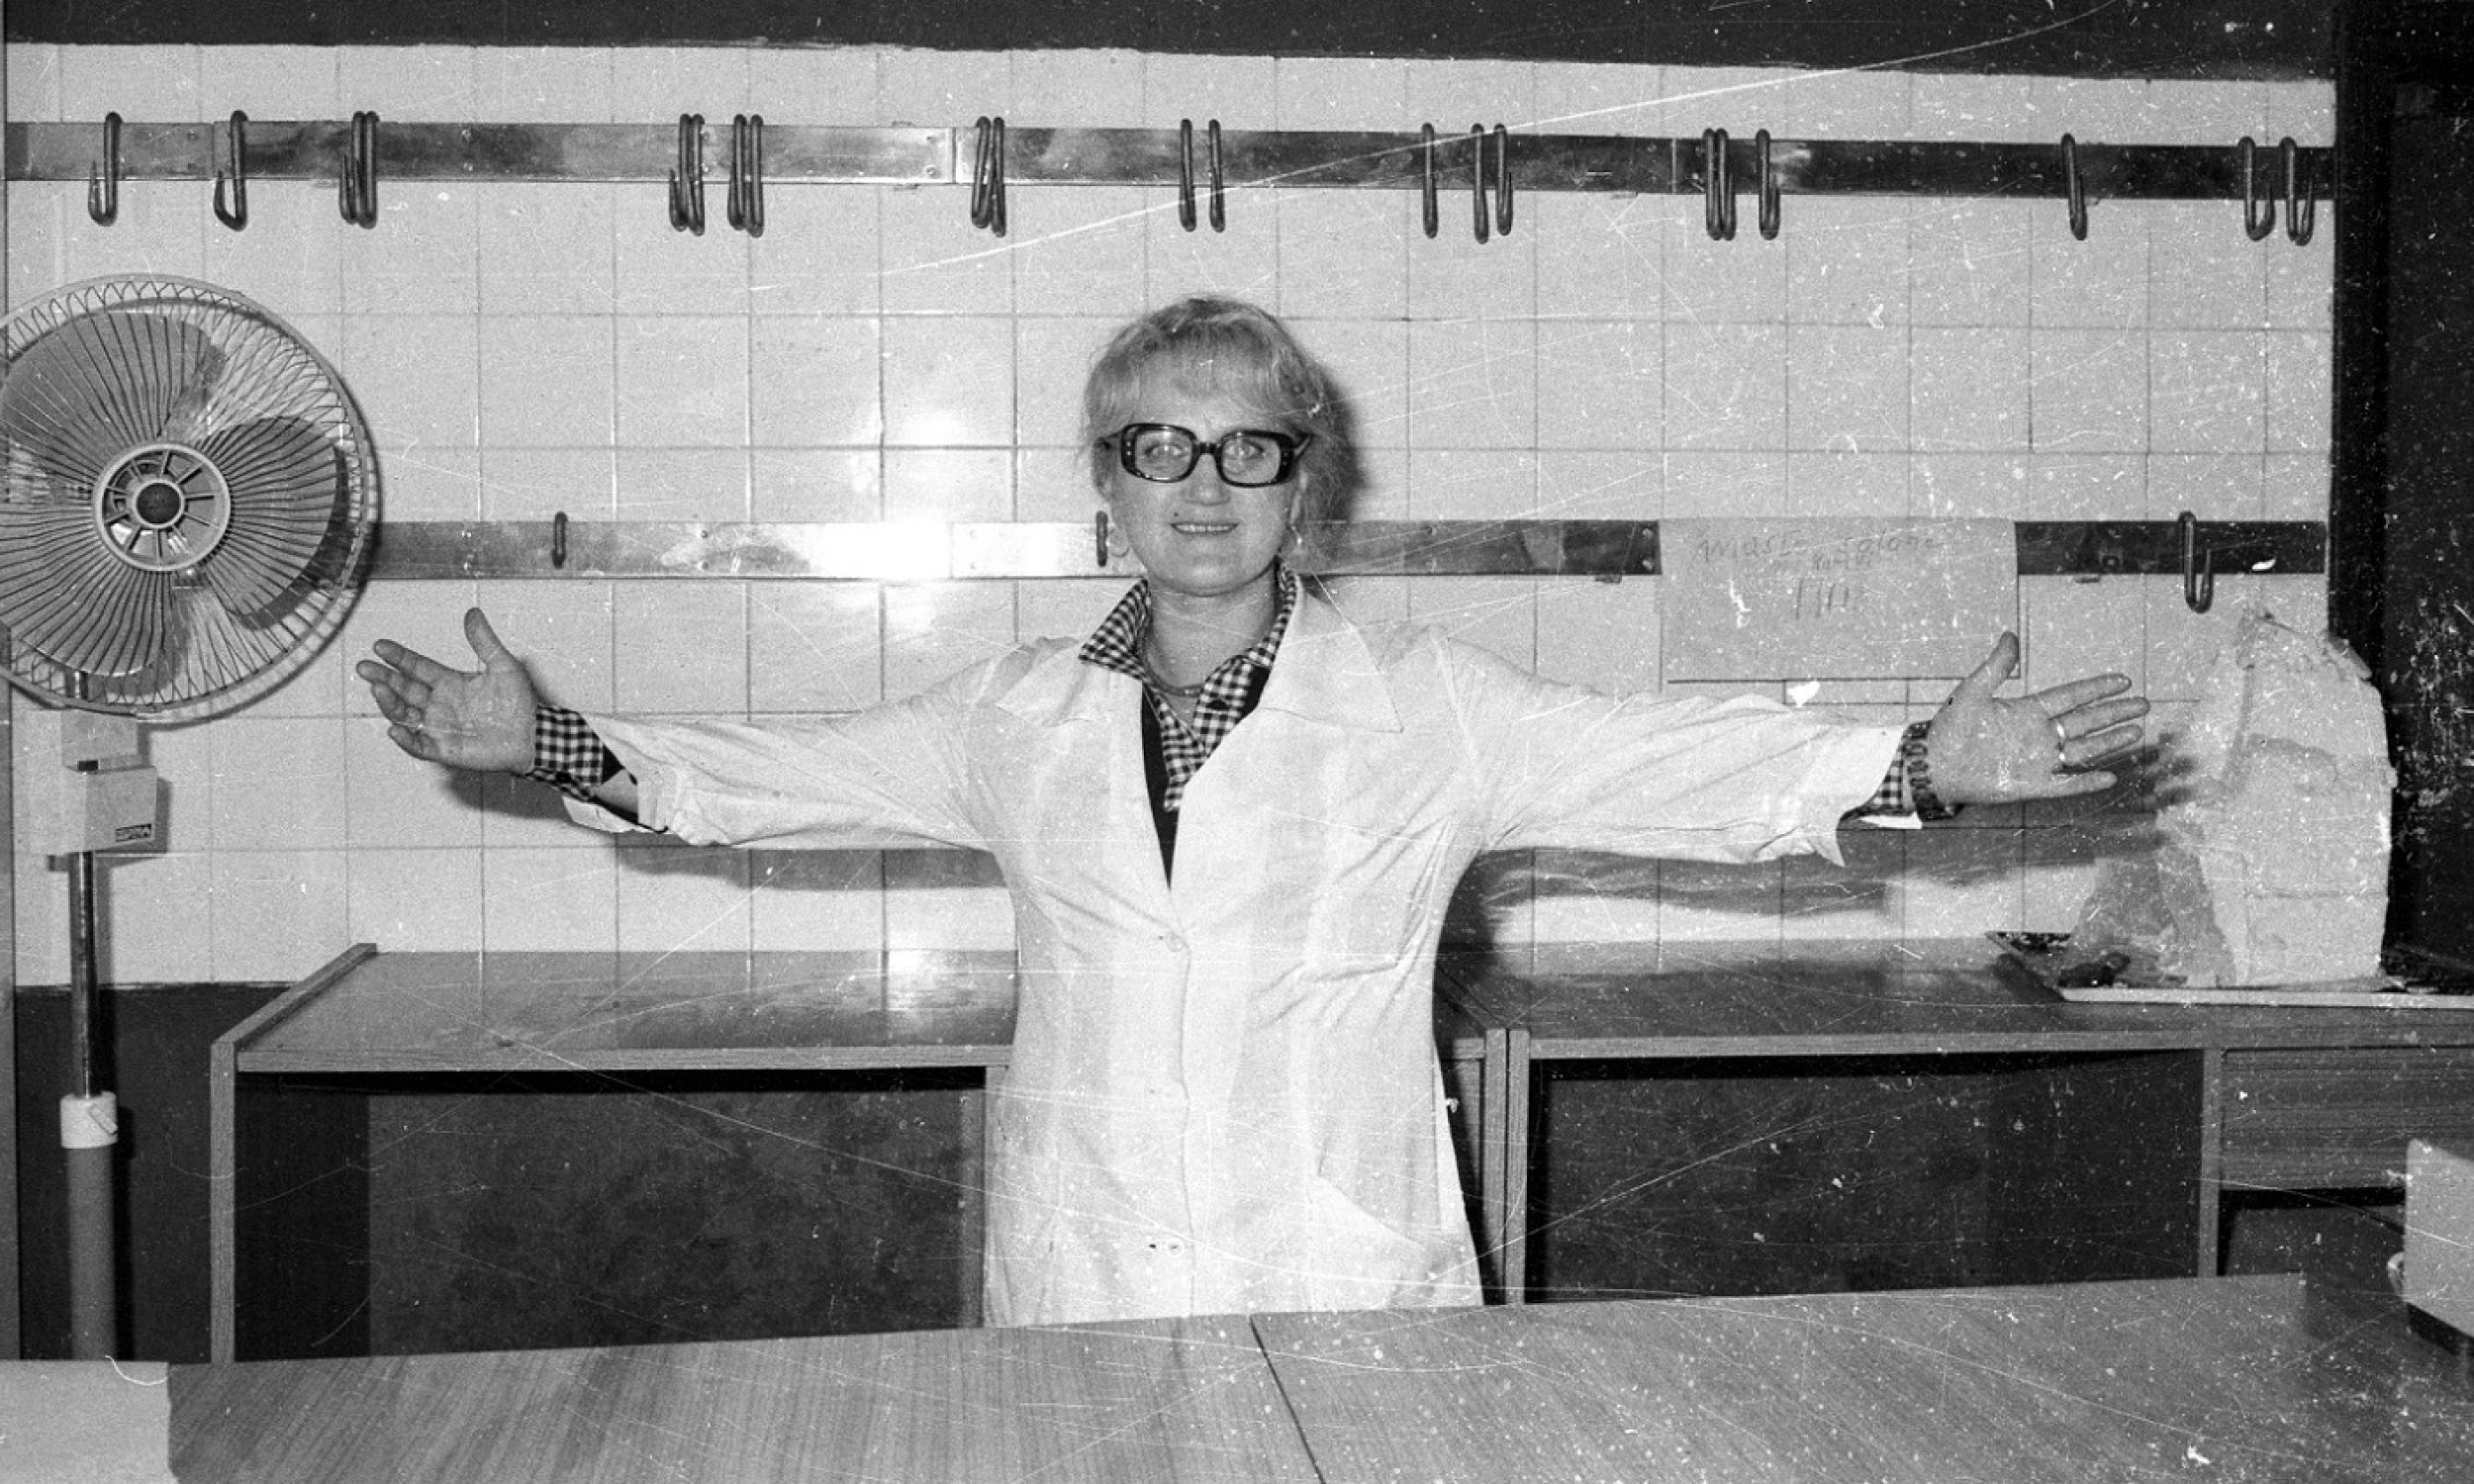 Warszawa, 31 lipca 1981. Na rynku coraz dotkliwiej brakowało mięsa, wprowadzono wiec dzień bezmięsny – w poniedziałki nie można go było kupić w sklepach. Fot. PAP/CAF/Cezary Langda